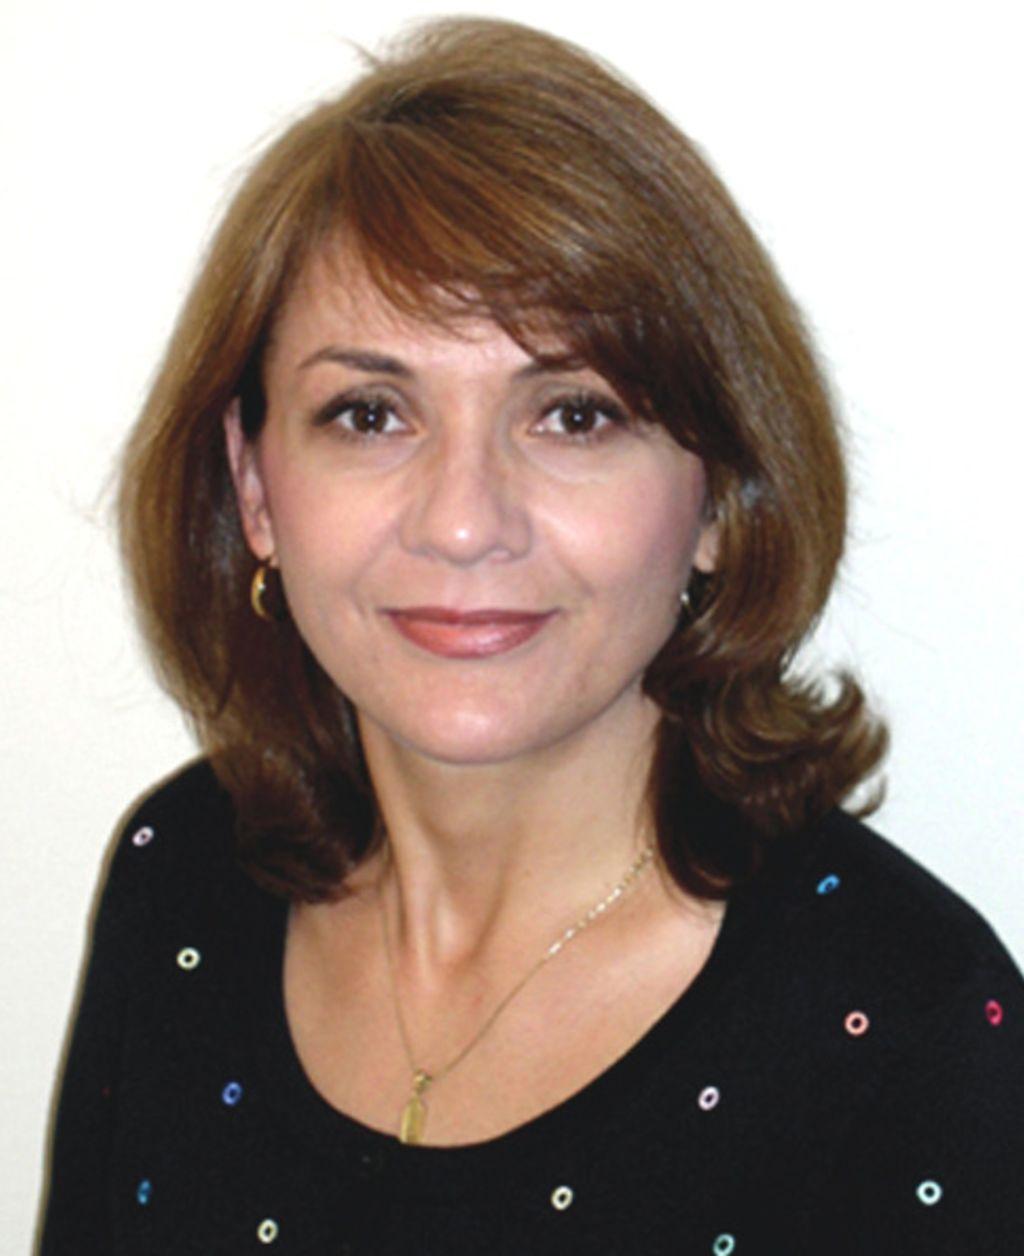 Tetyana Ivanina